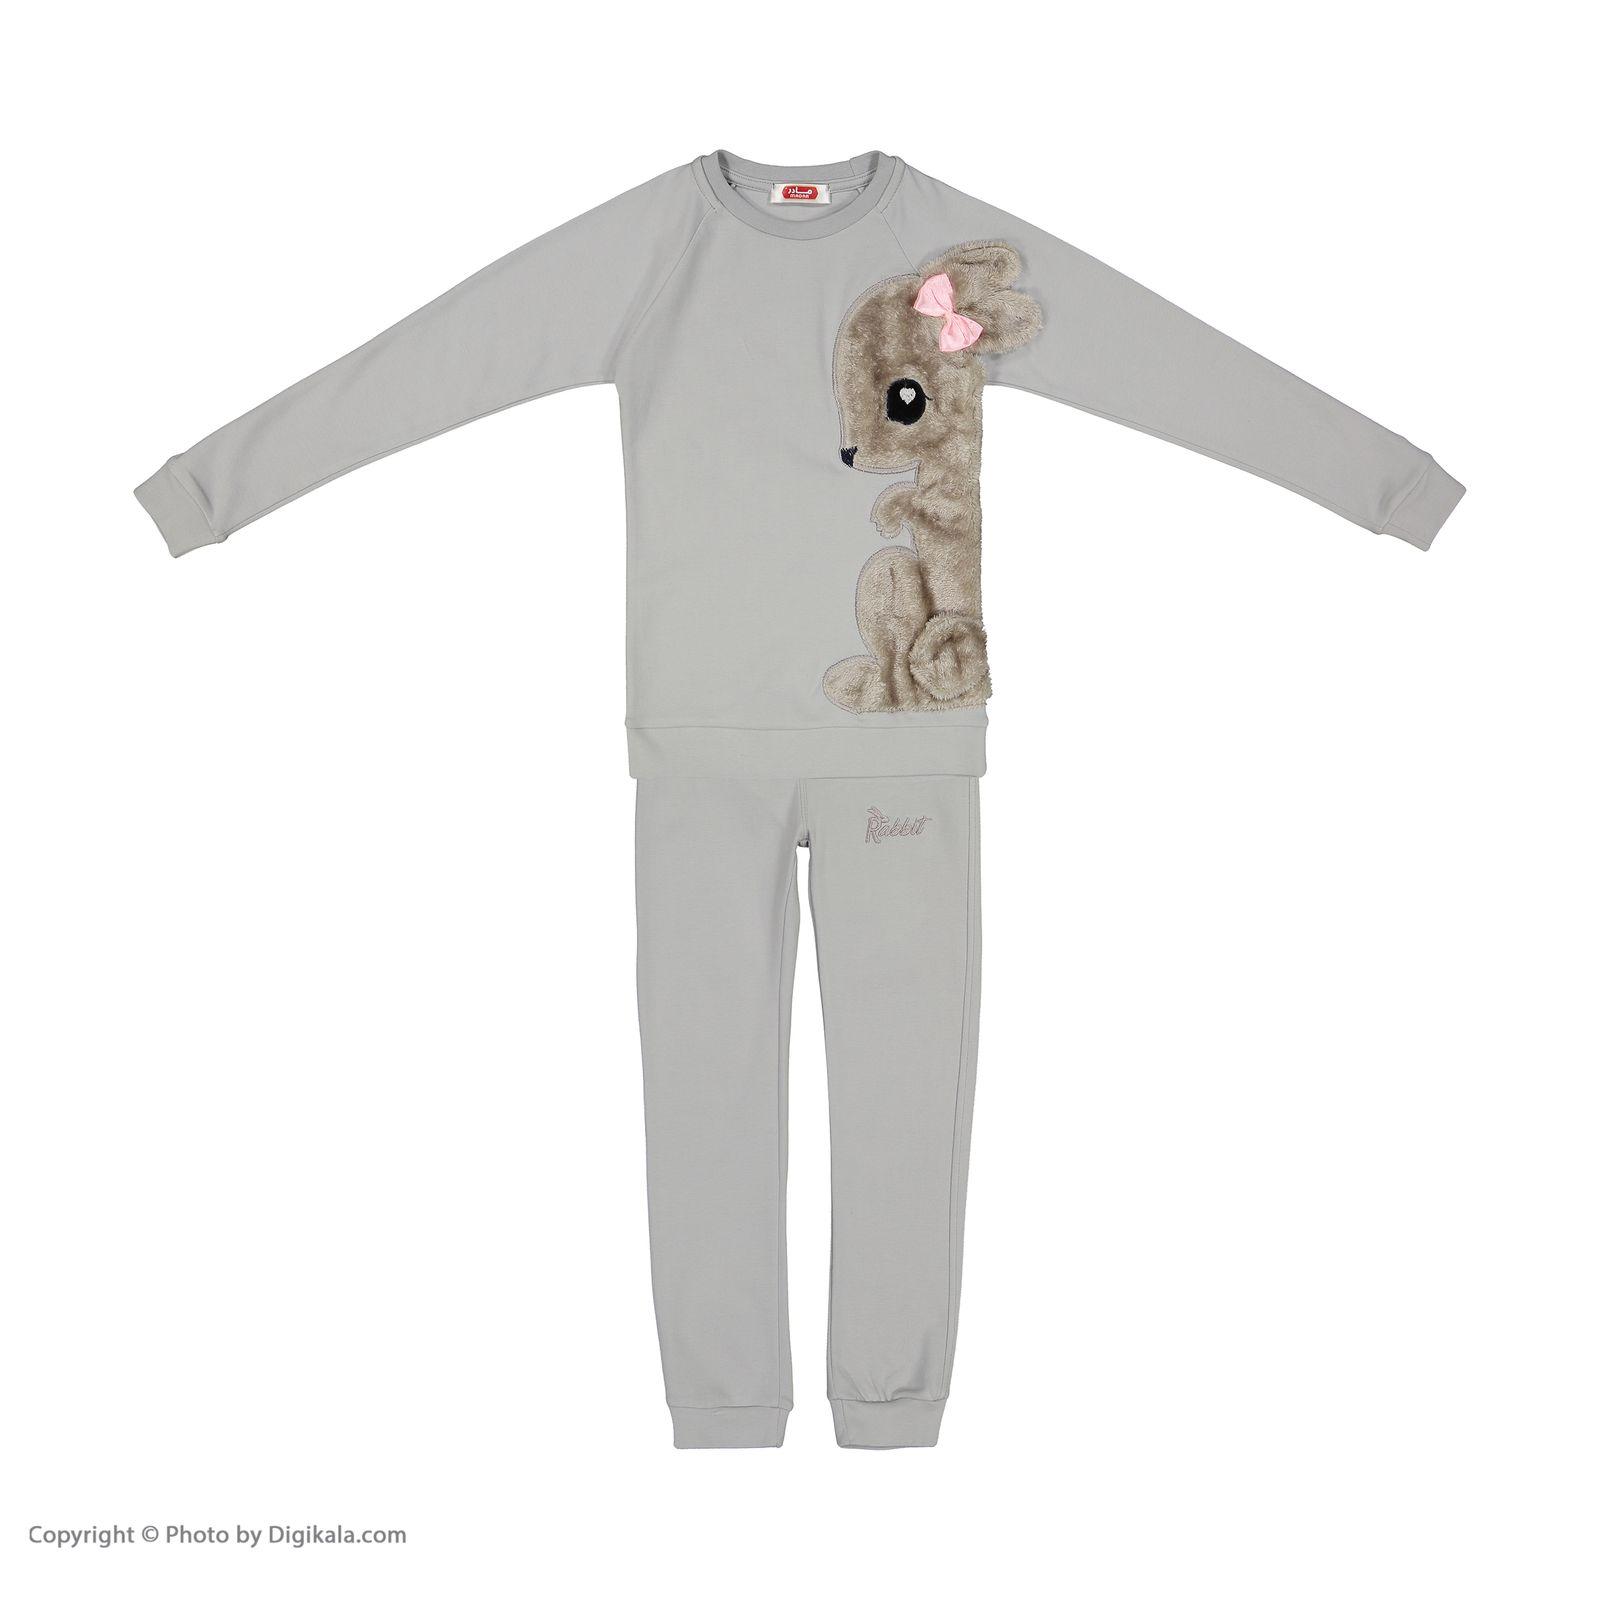 ست تی شرت و شلوار دخترانه مادر مدل SherryGray-93 main 1 1